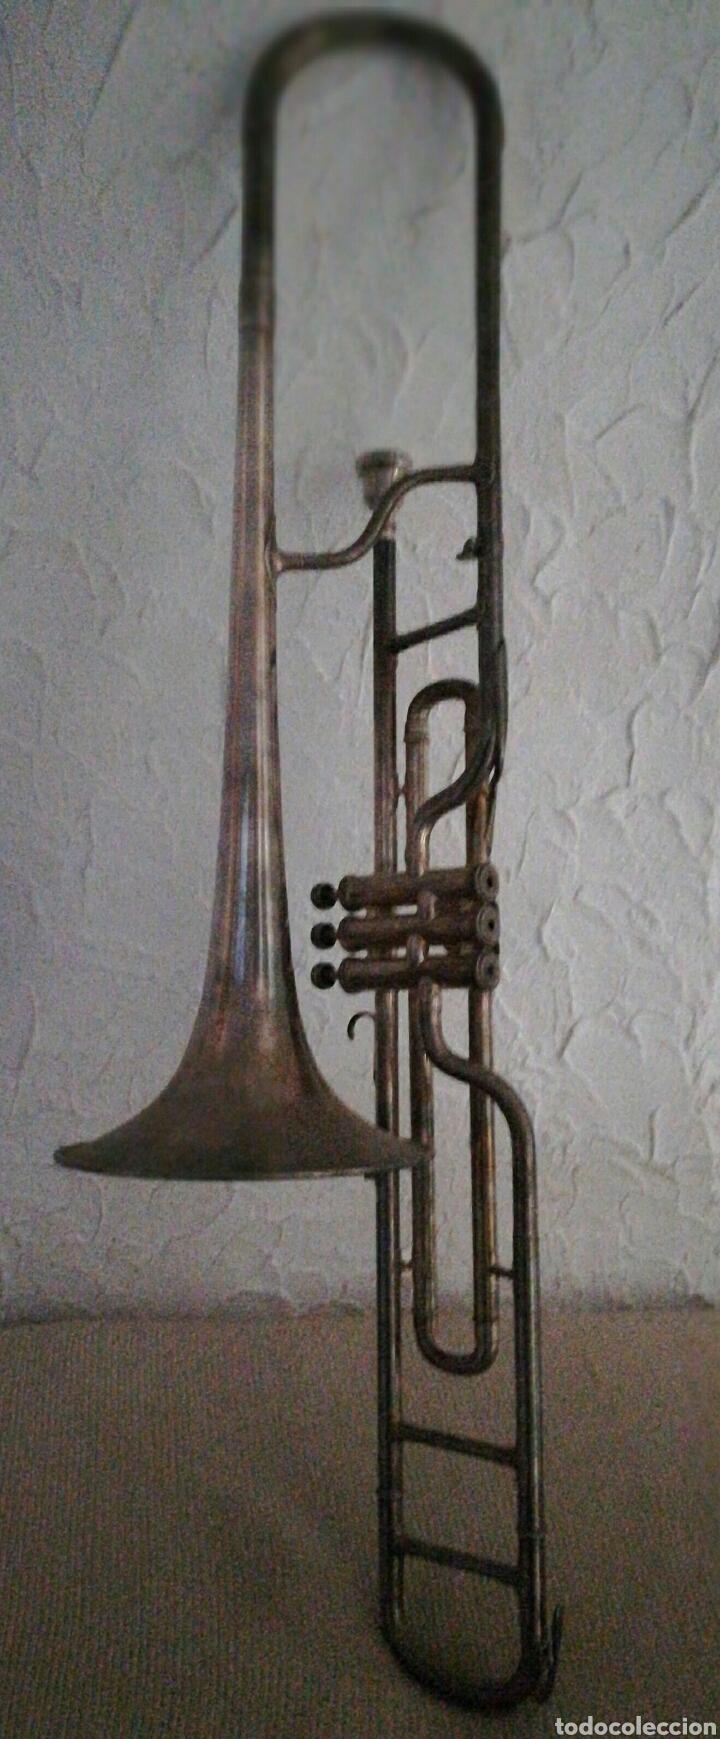 TROMBÓN DE PISTONES BESSON PARIS (Música - Instrumentos Musicales - Viento Metal)